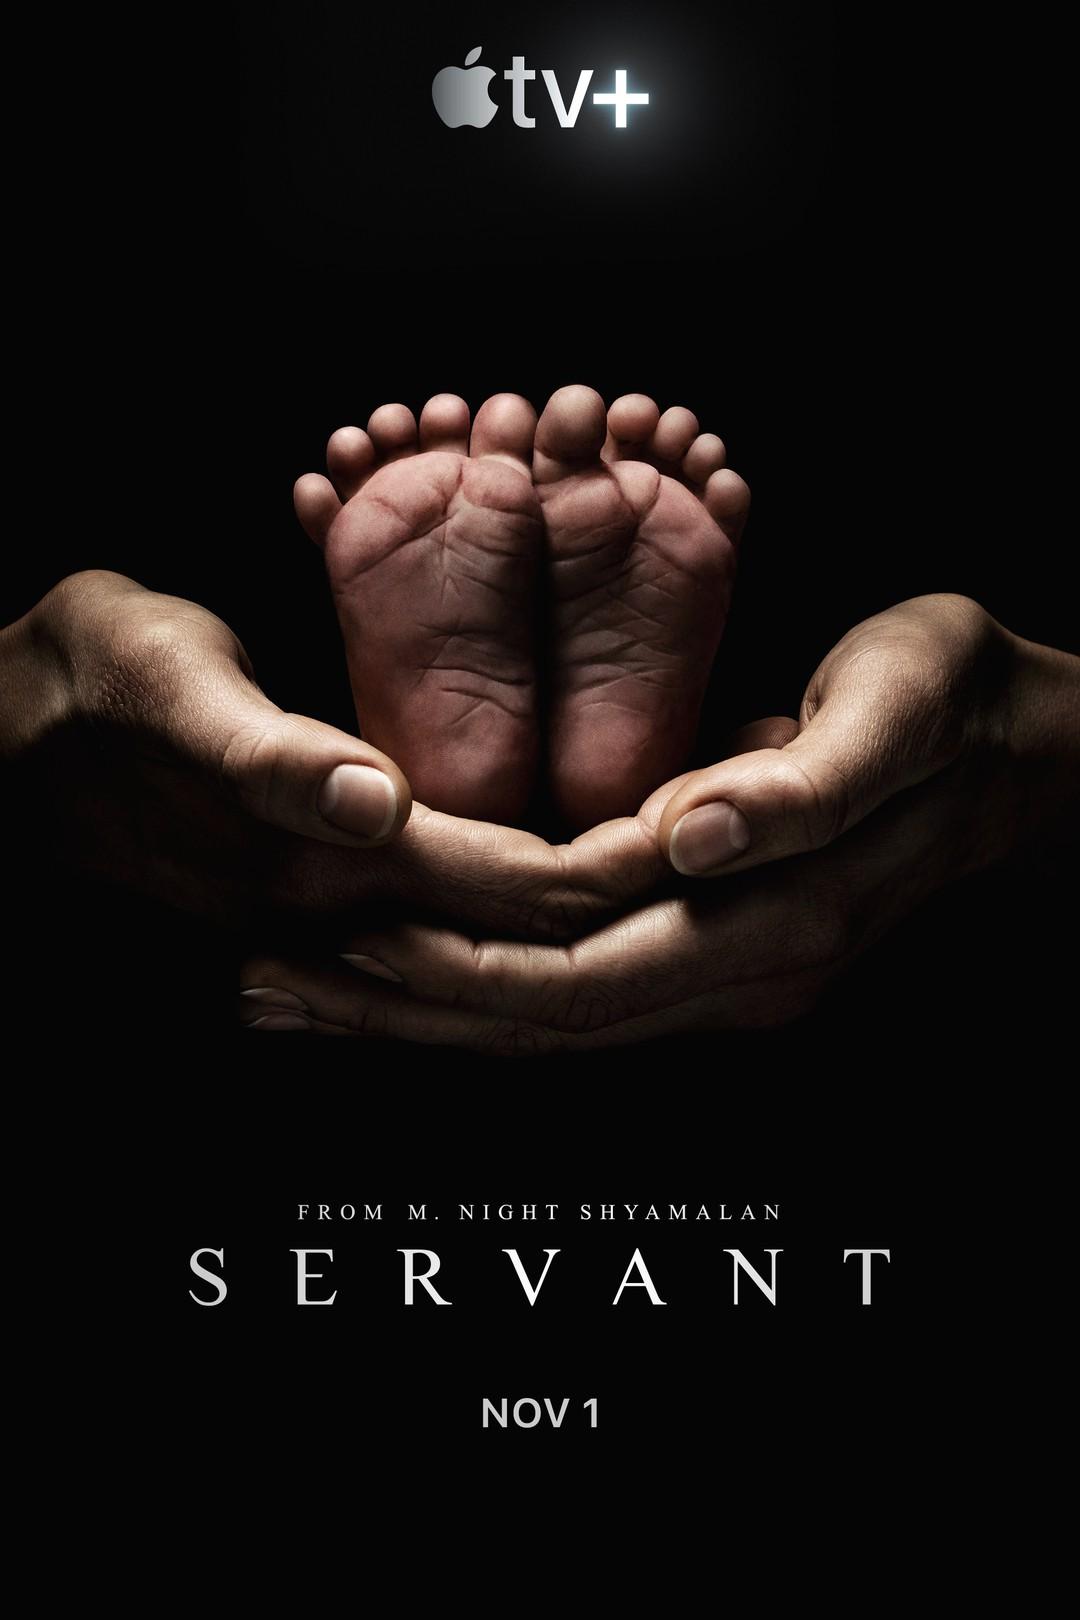 Servant - Bild 2 von 3